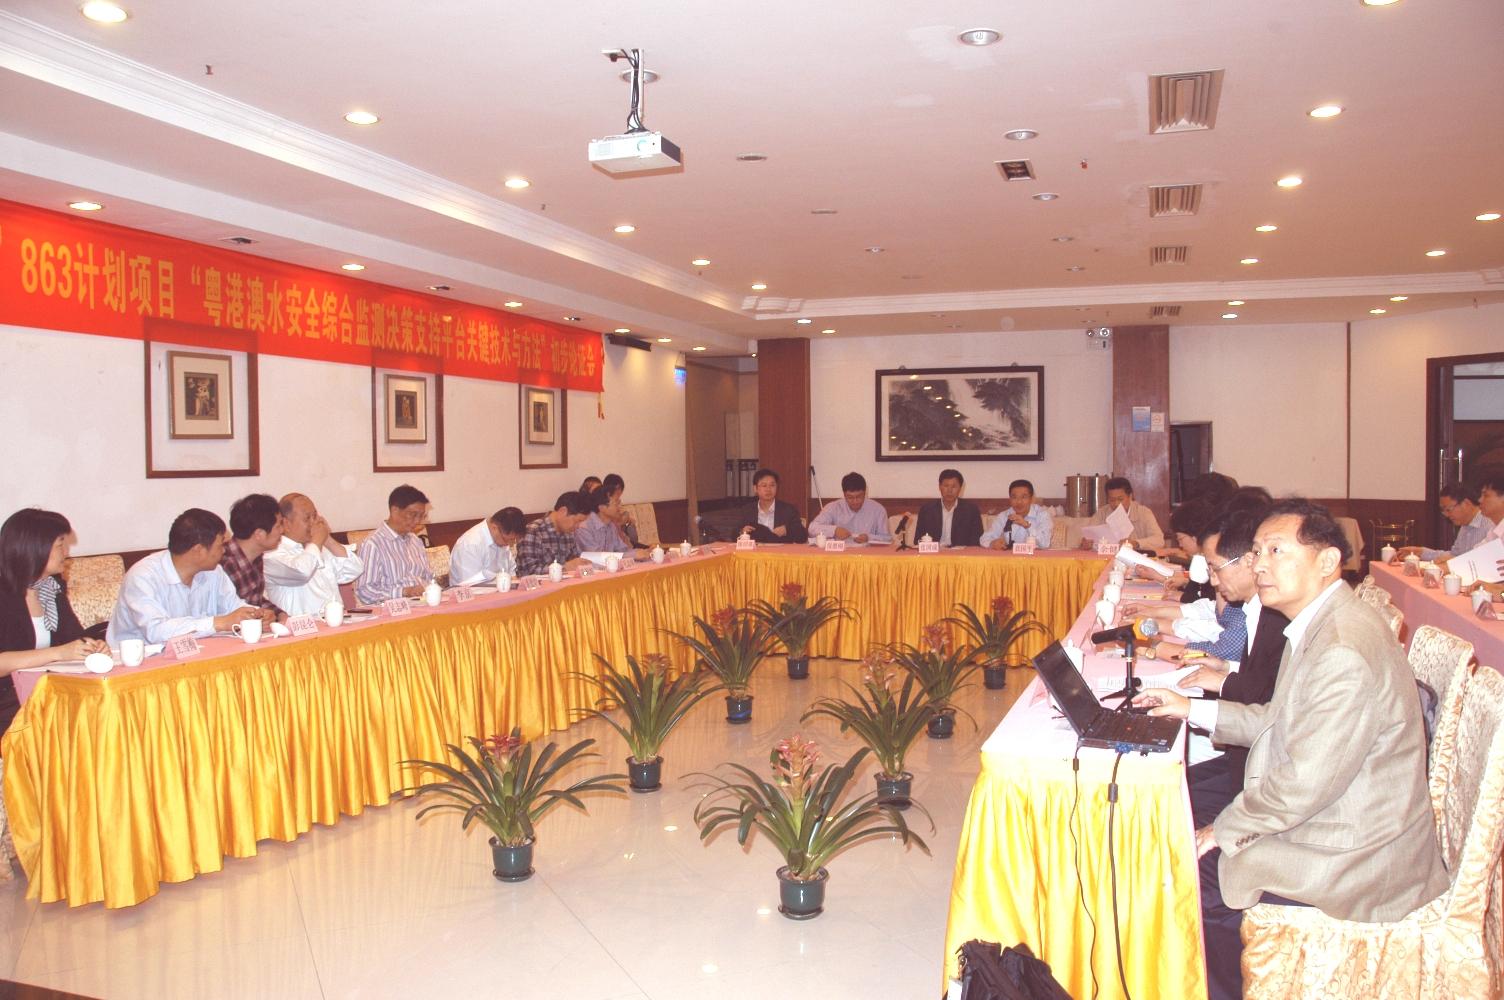 中大太空所所長林琿教授(右一)向參加論證會的領導與專家匯報項目的準備工作。